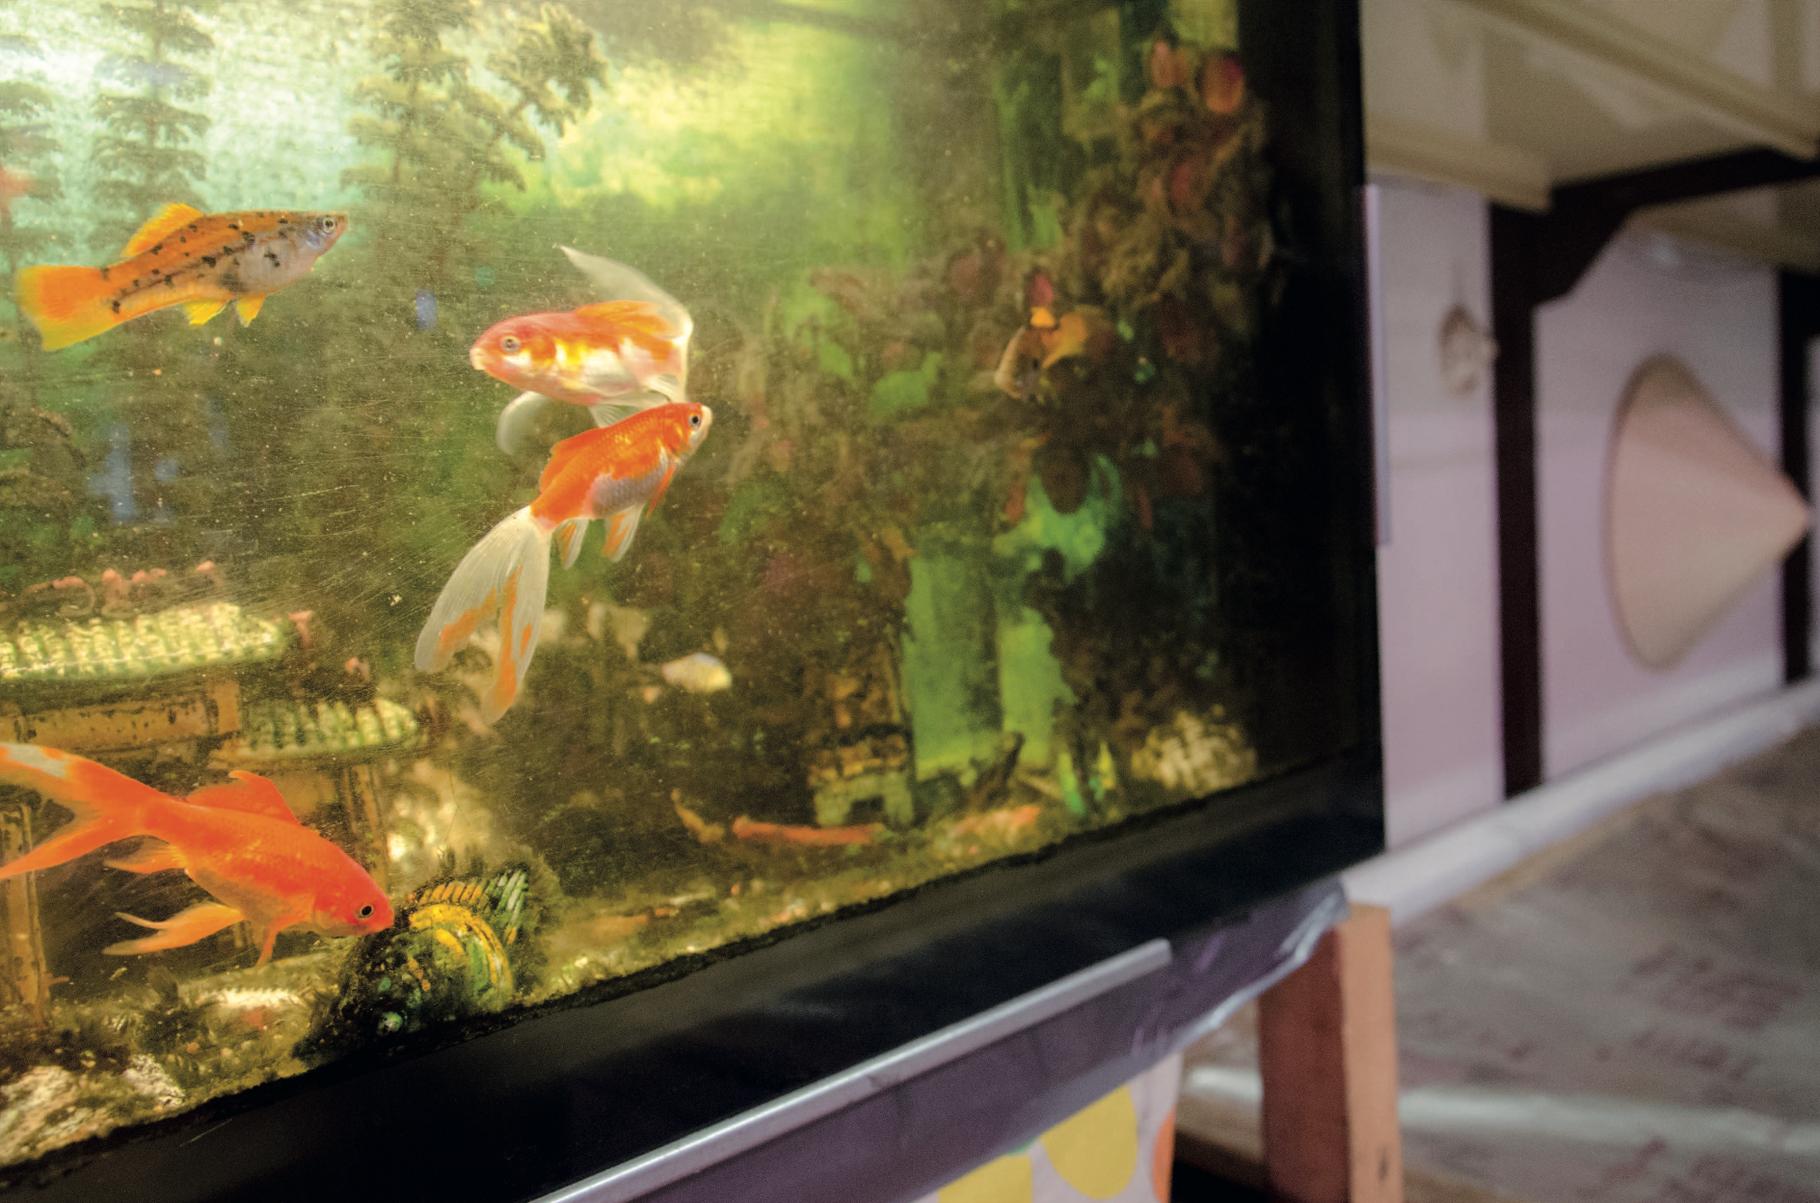 Goldfische bringen Glück